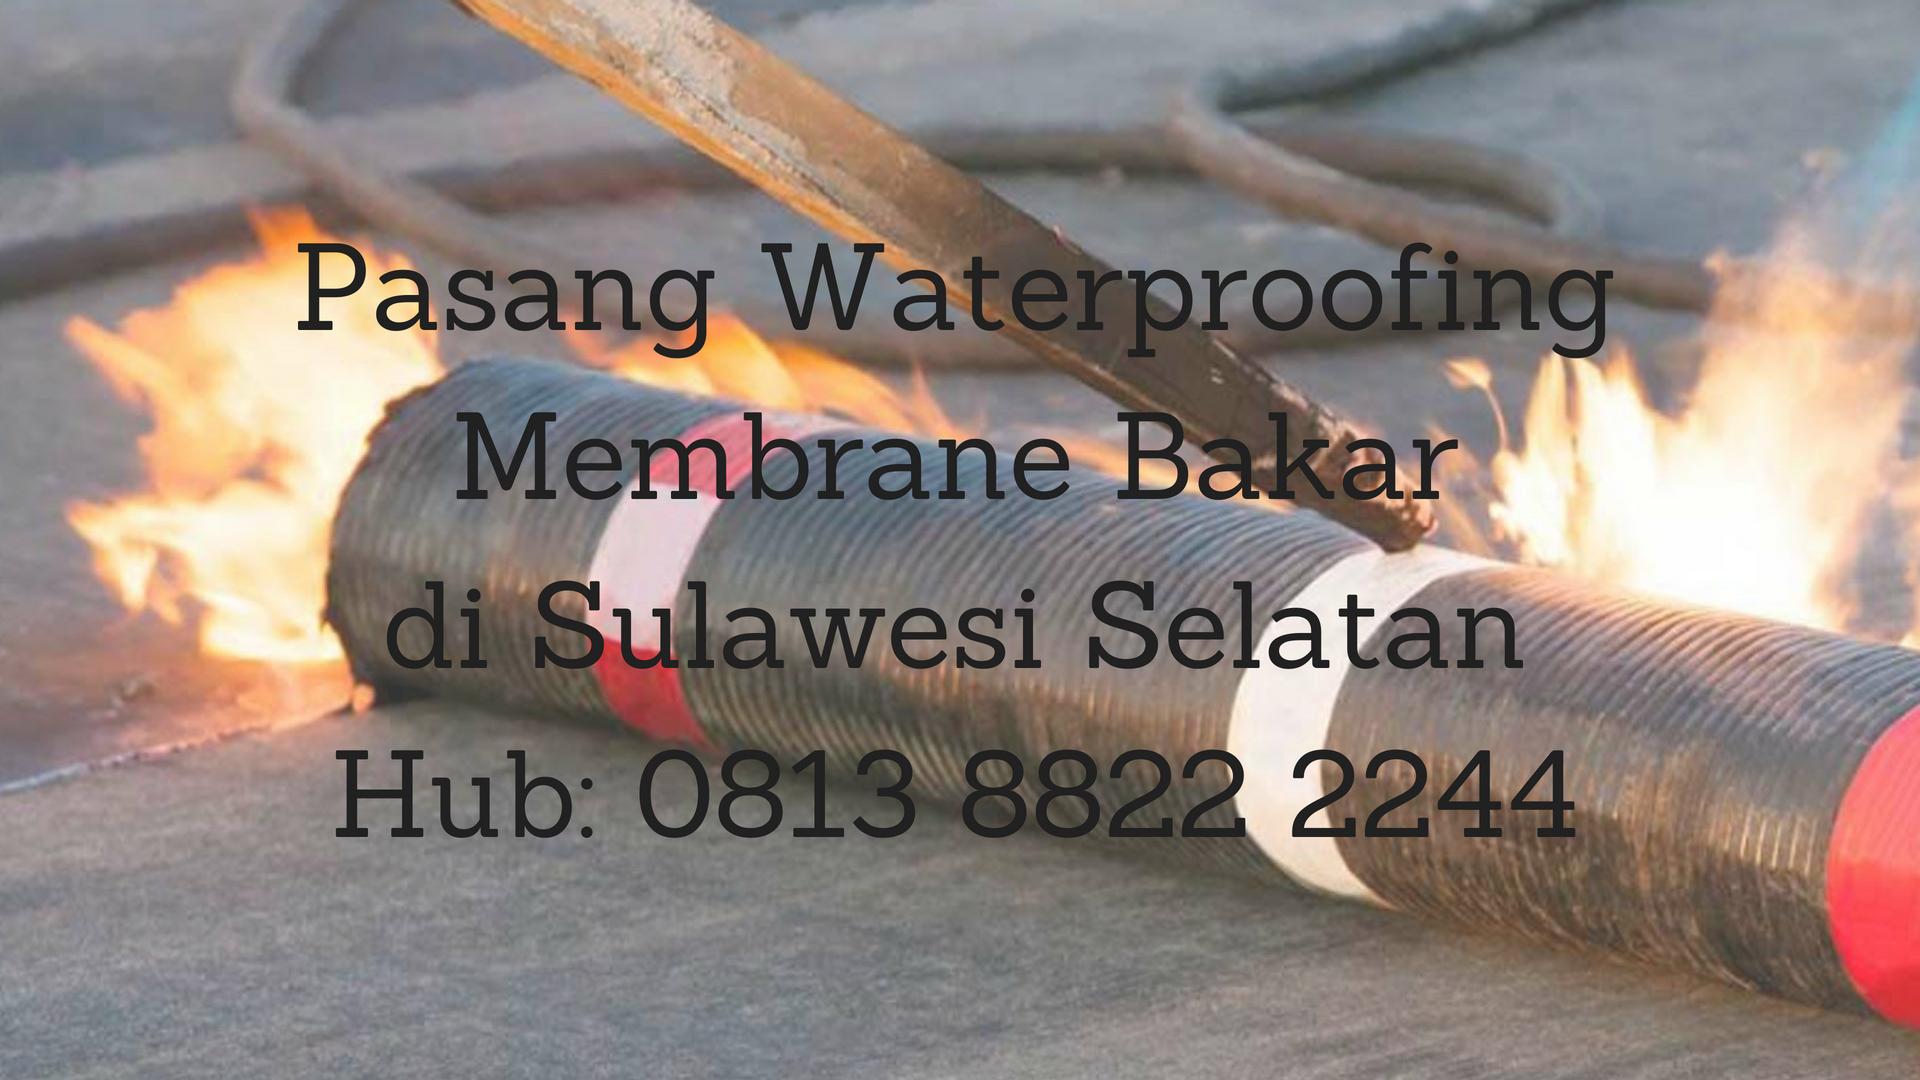 PASANG WATERPROOFING MEMBRANE BAKAR DI SULAWESI SELATAN. HUB : 0813 8822 2244